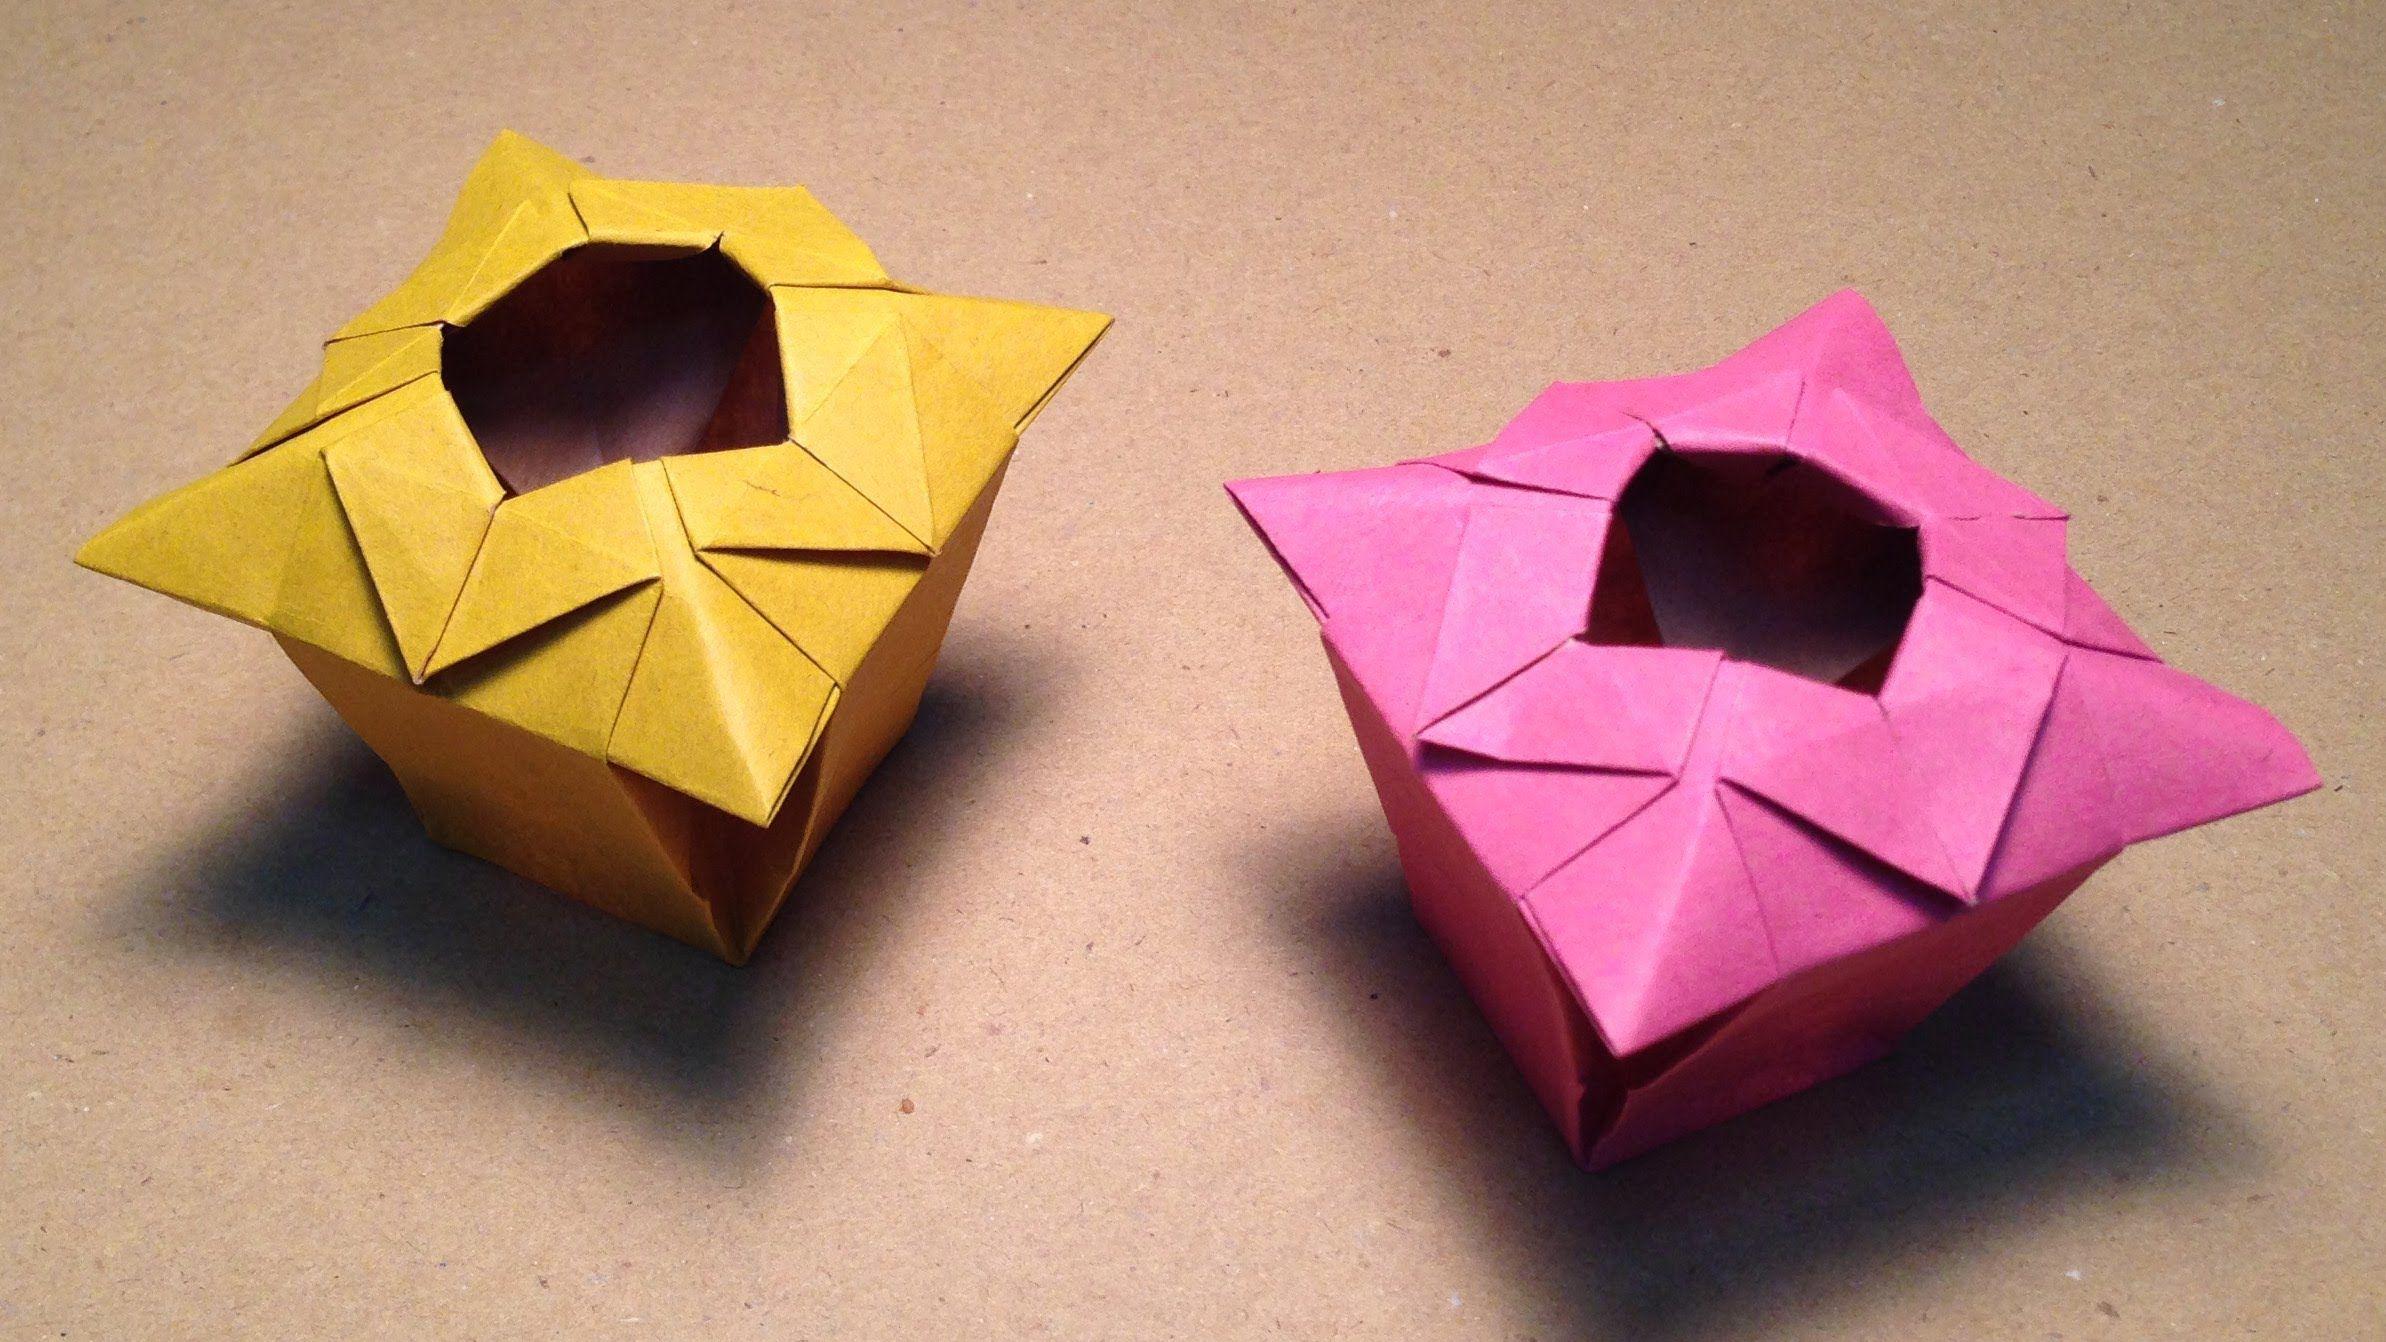 Origami Vase Instructions Origami Containers Origami Origami